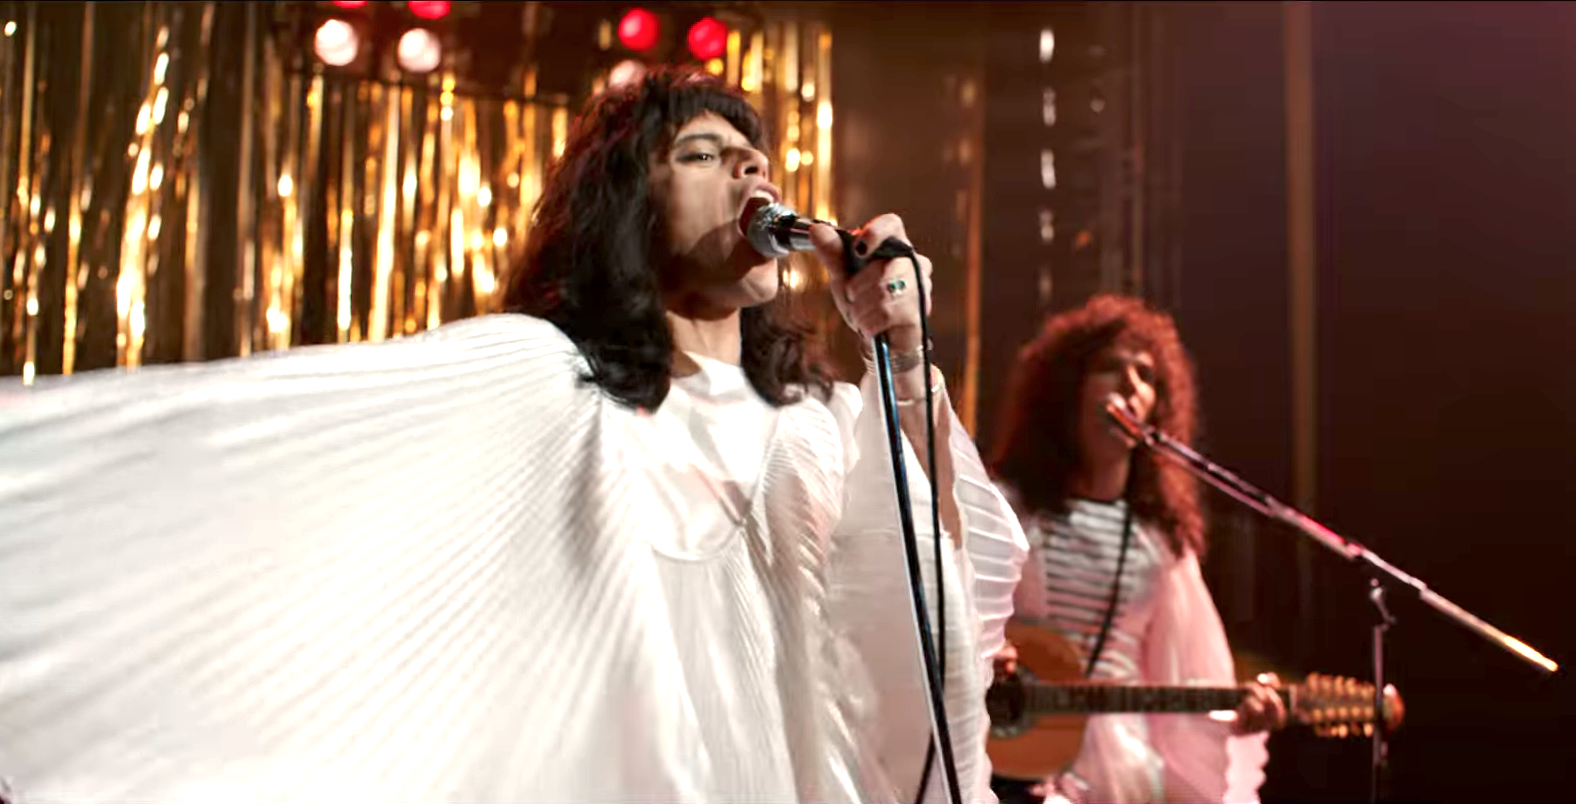 Bohemian Rhapsody 2018 New Trailer For Queen